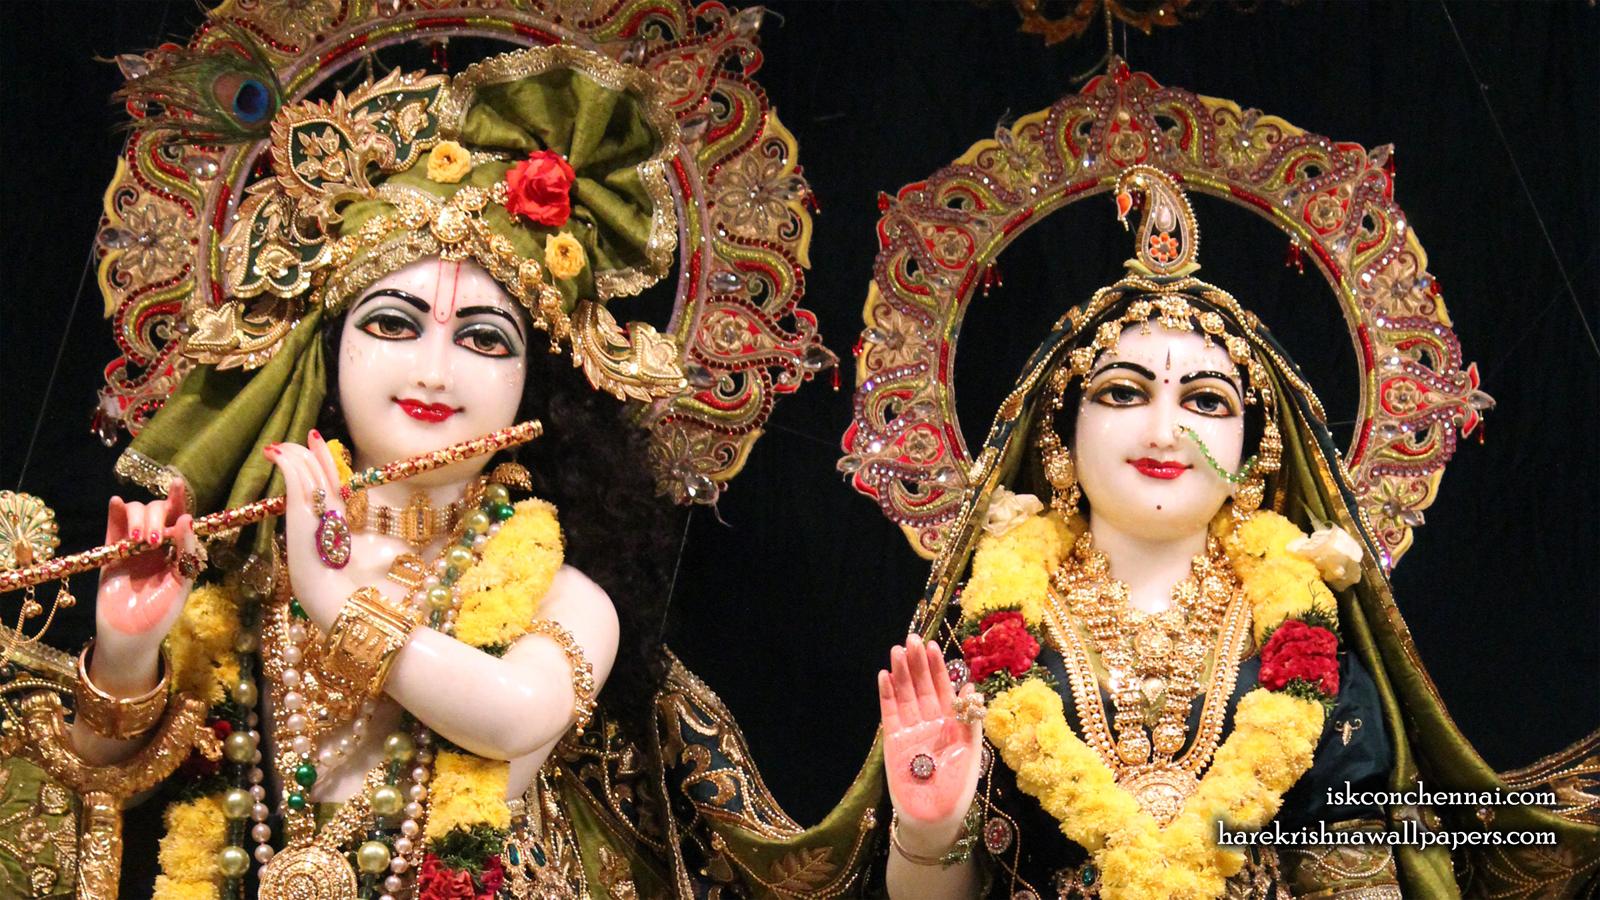 Sri Sri Radha Krishna Close up Wallpaper (017) Size 1600x900 Download